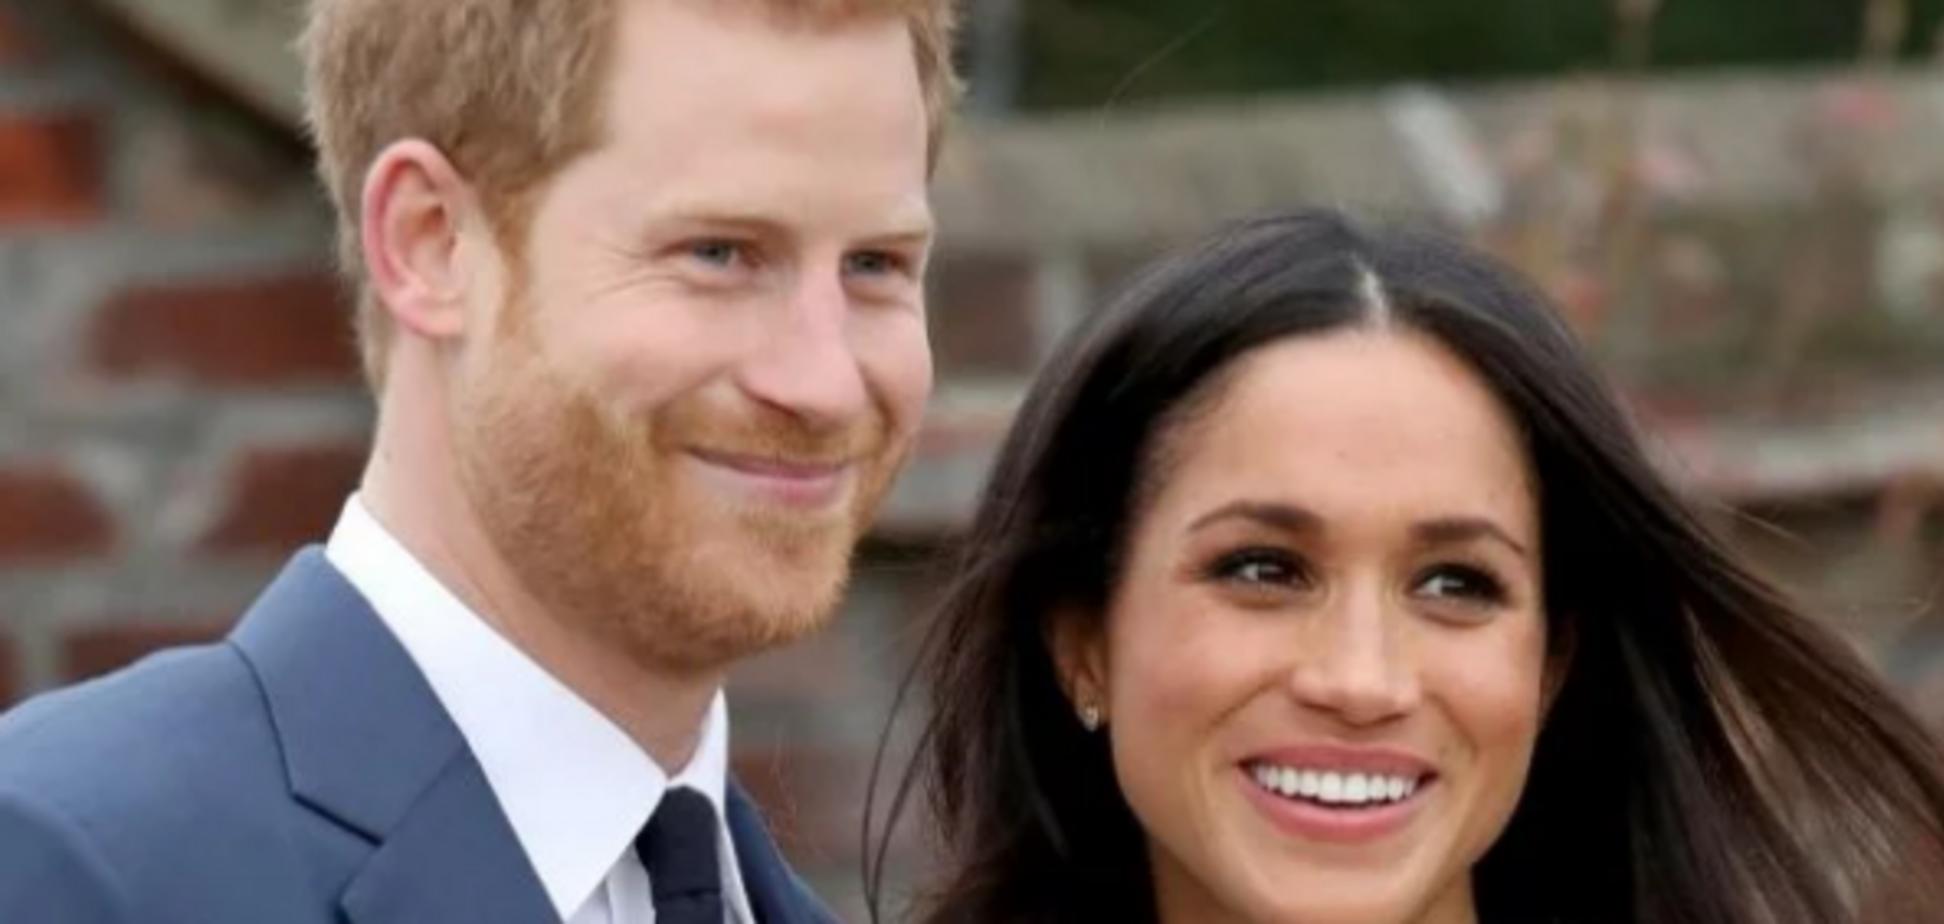 Меган Маркл беременна! Королевский дворец сделал громкое заявление